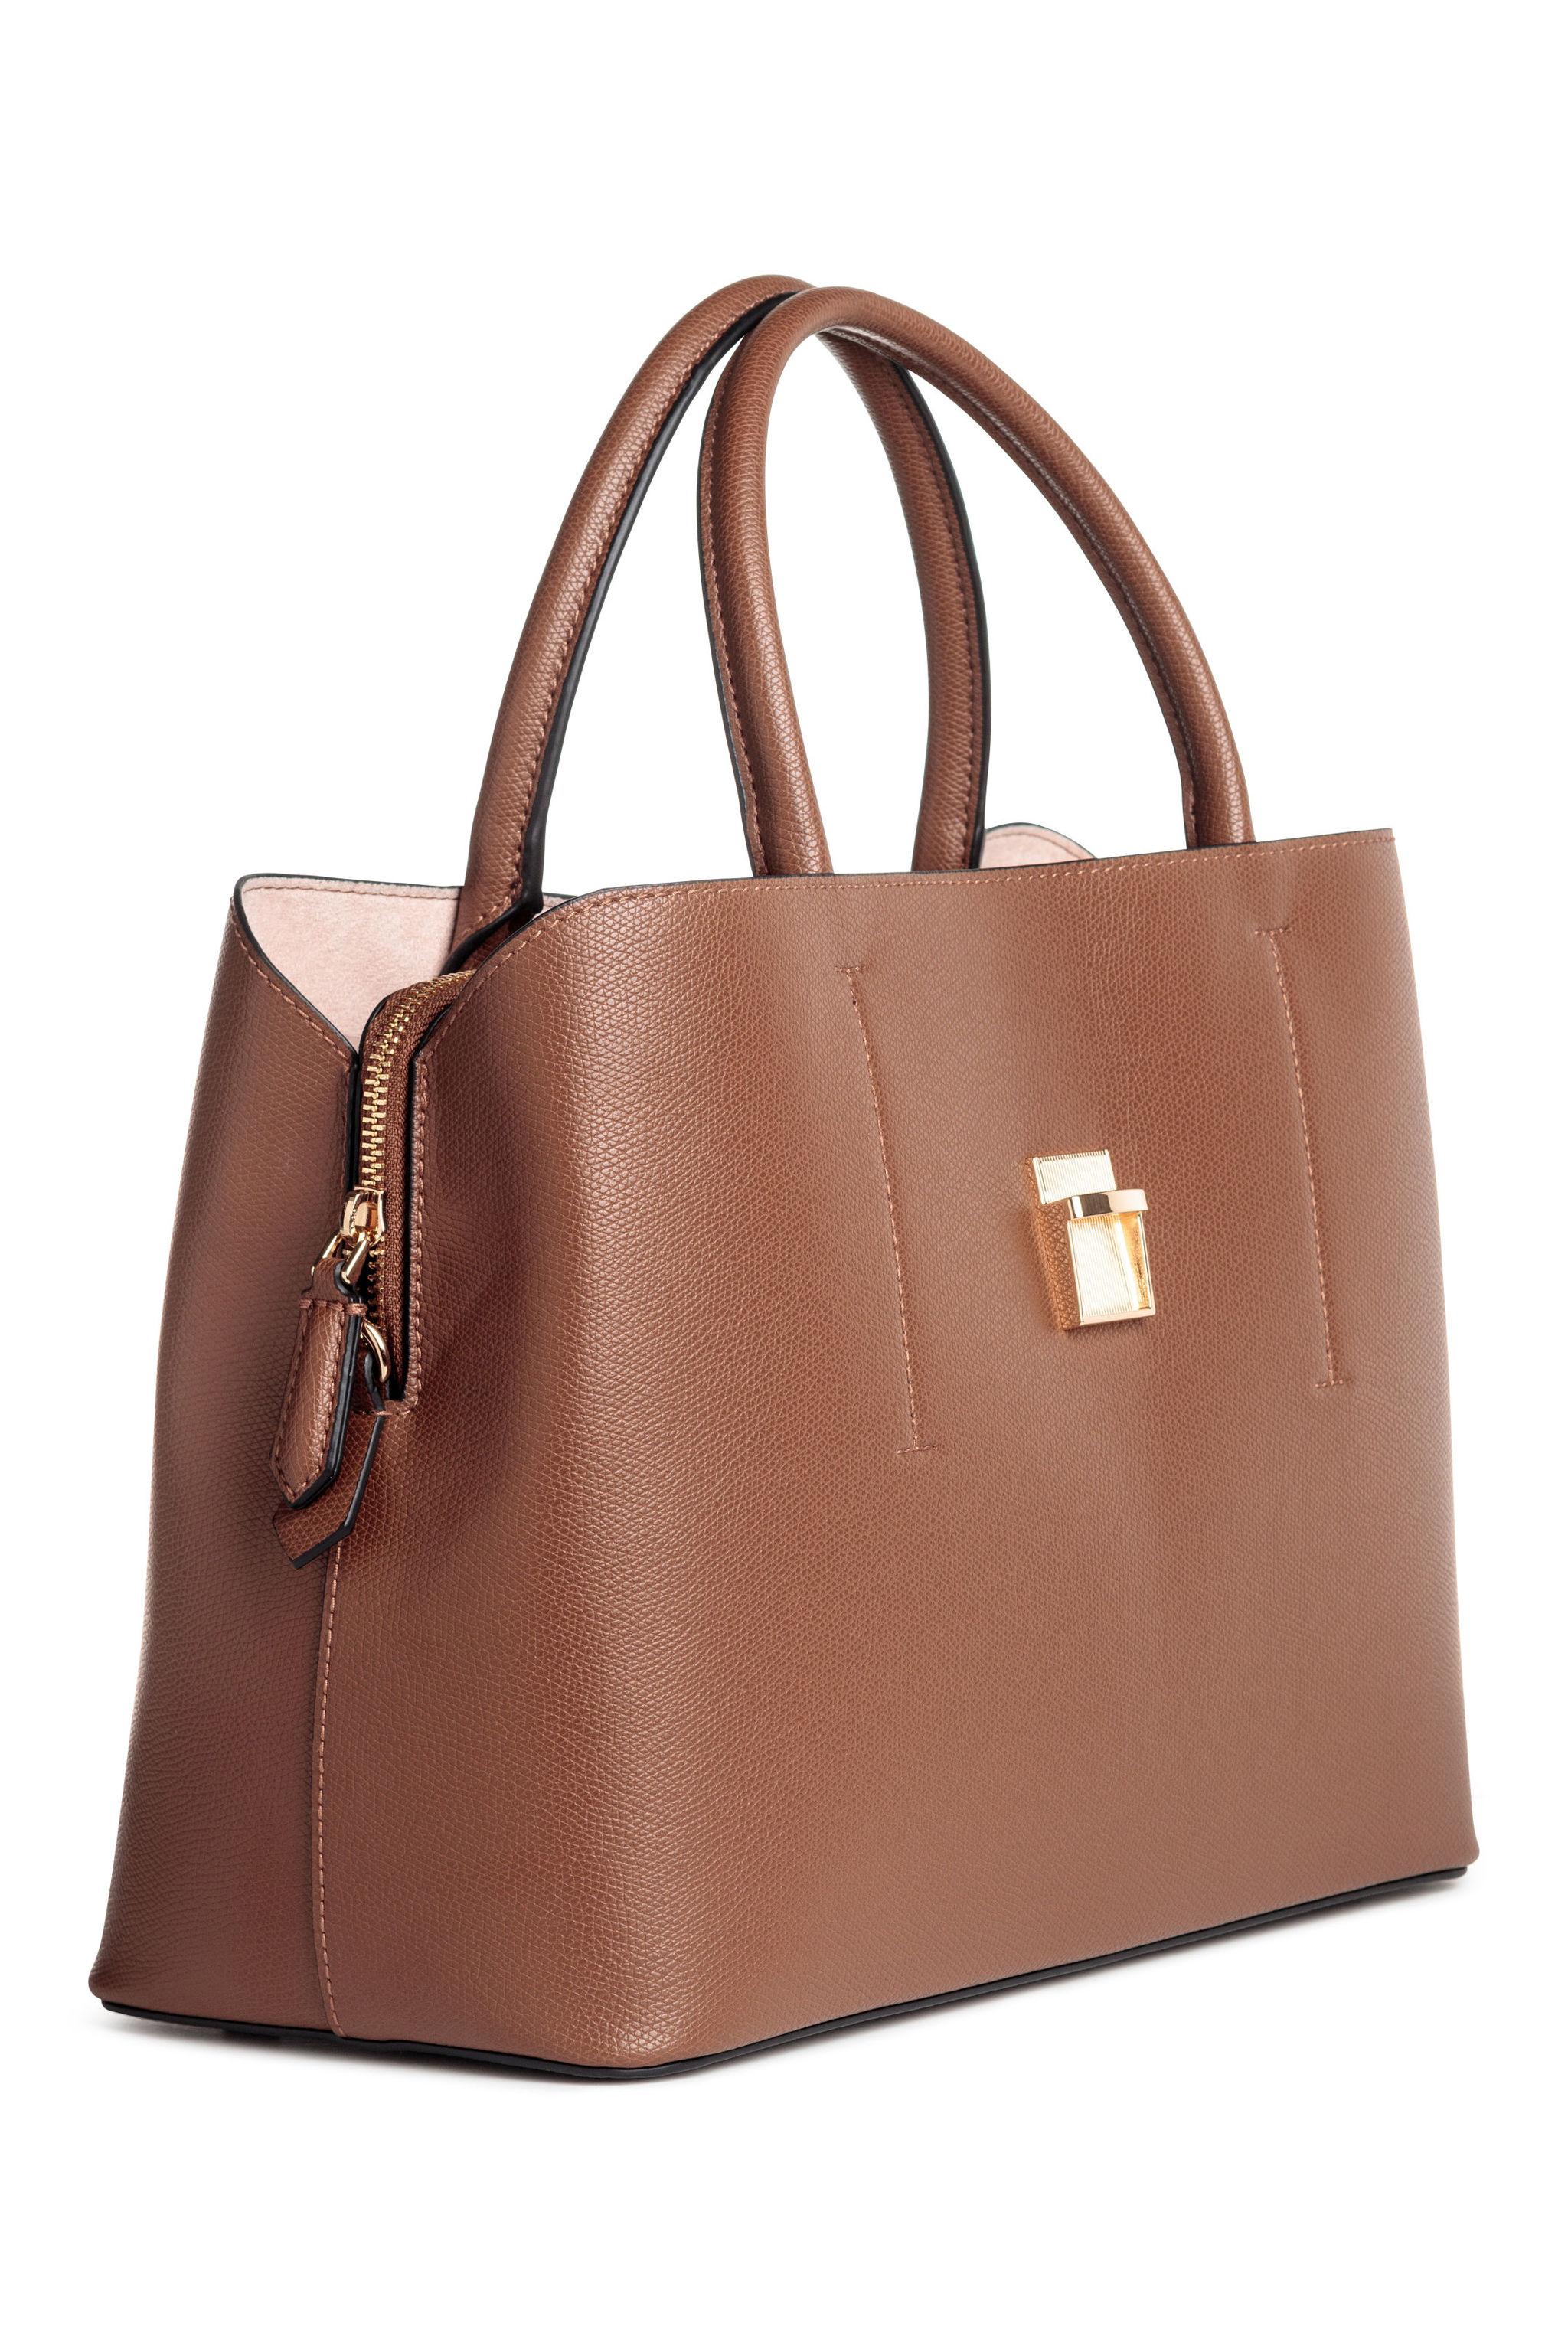 Bolso de mano de H&M (39,99 euros)